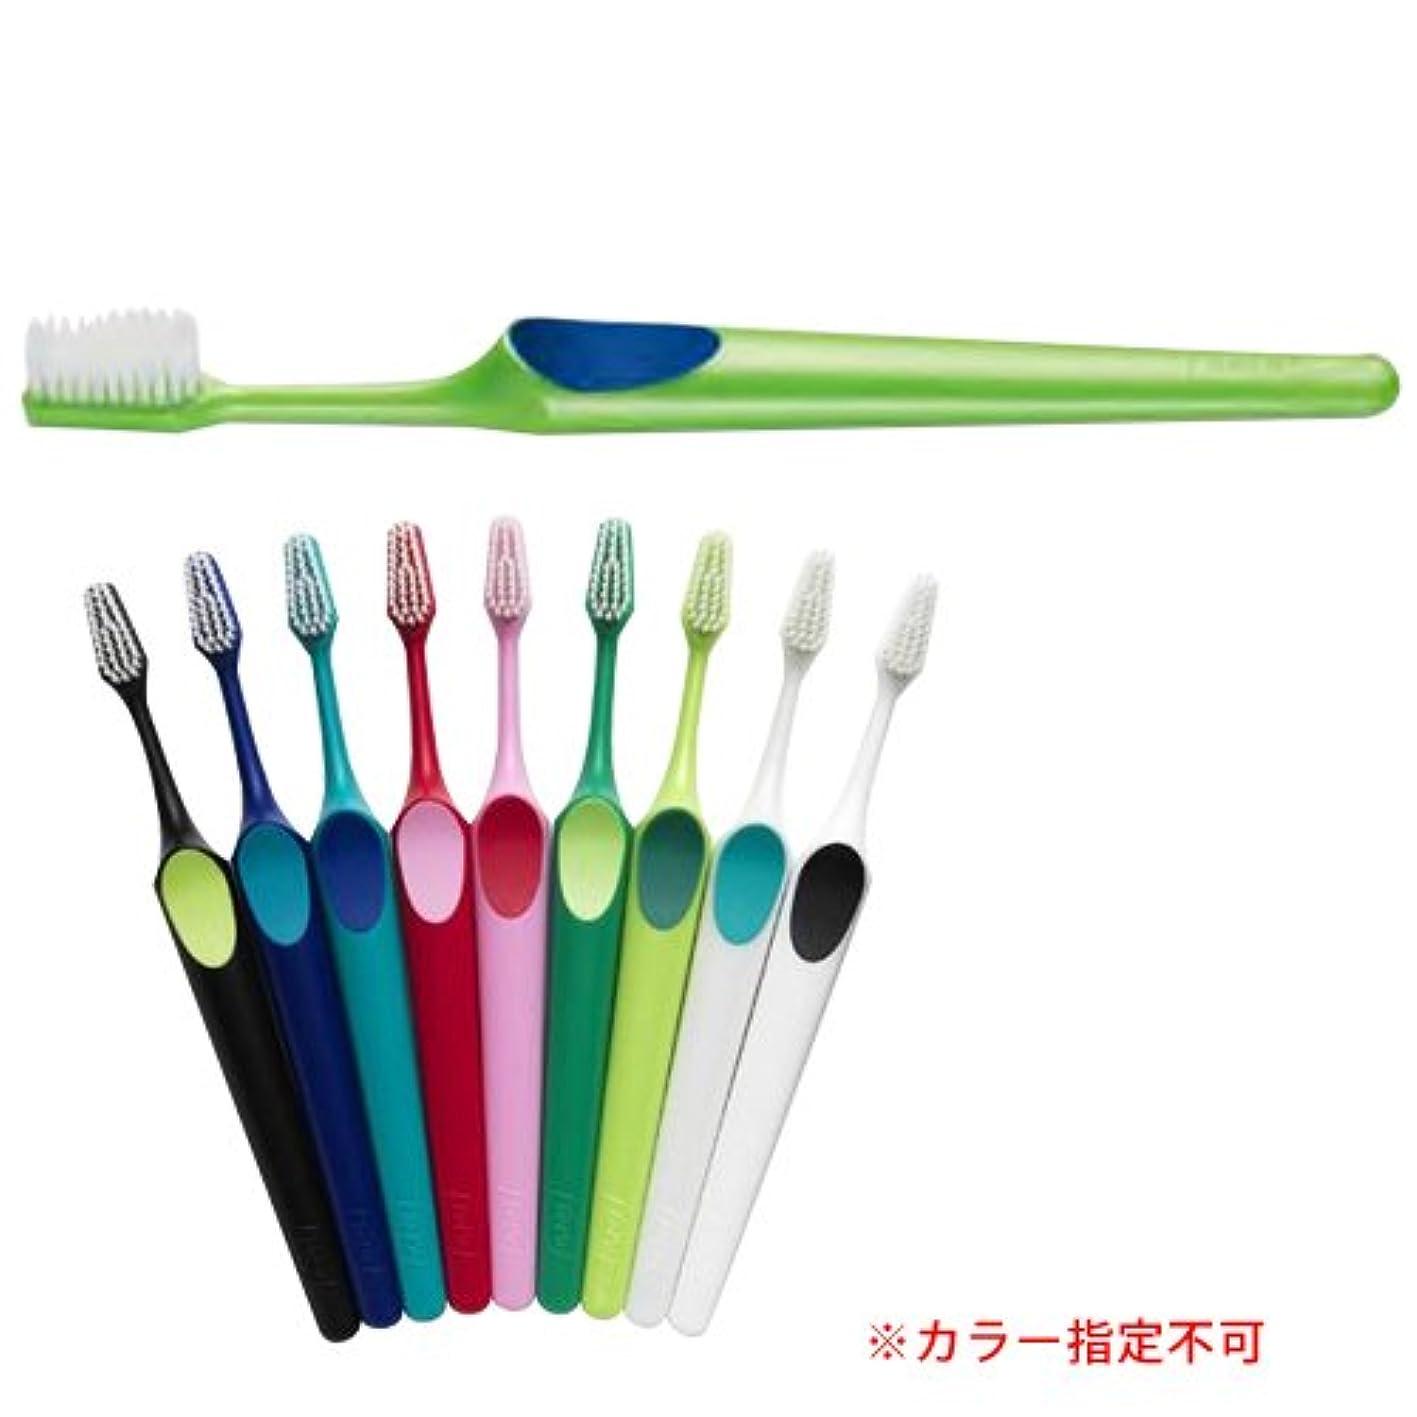 和らげるスプリットただやるTePe 歯ブラシ スプリーム 20本